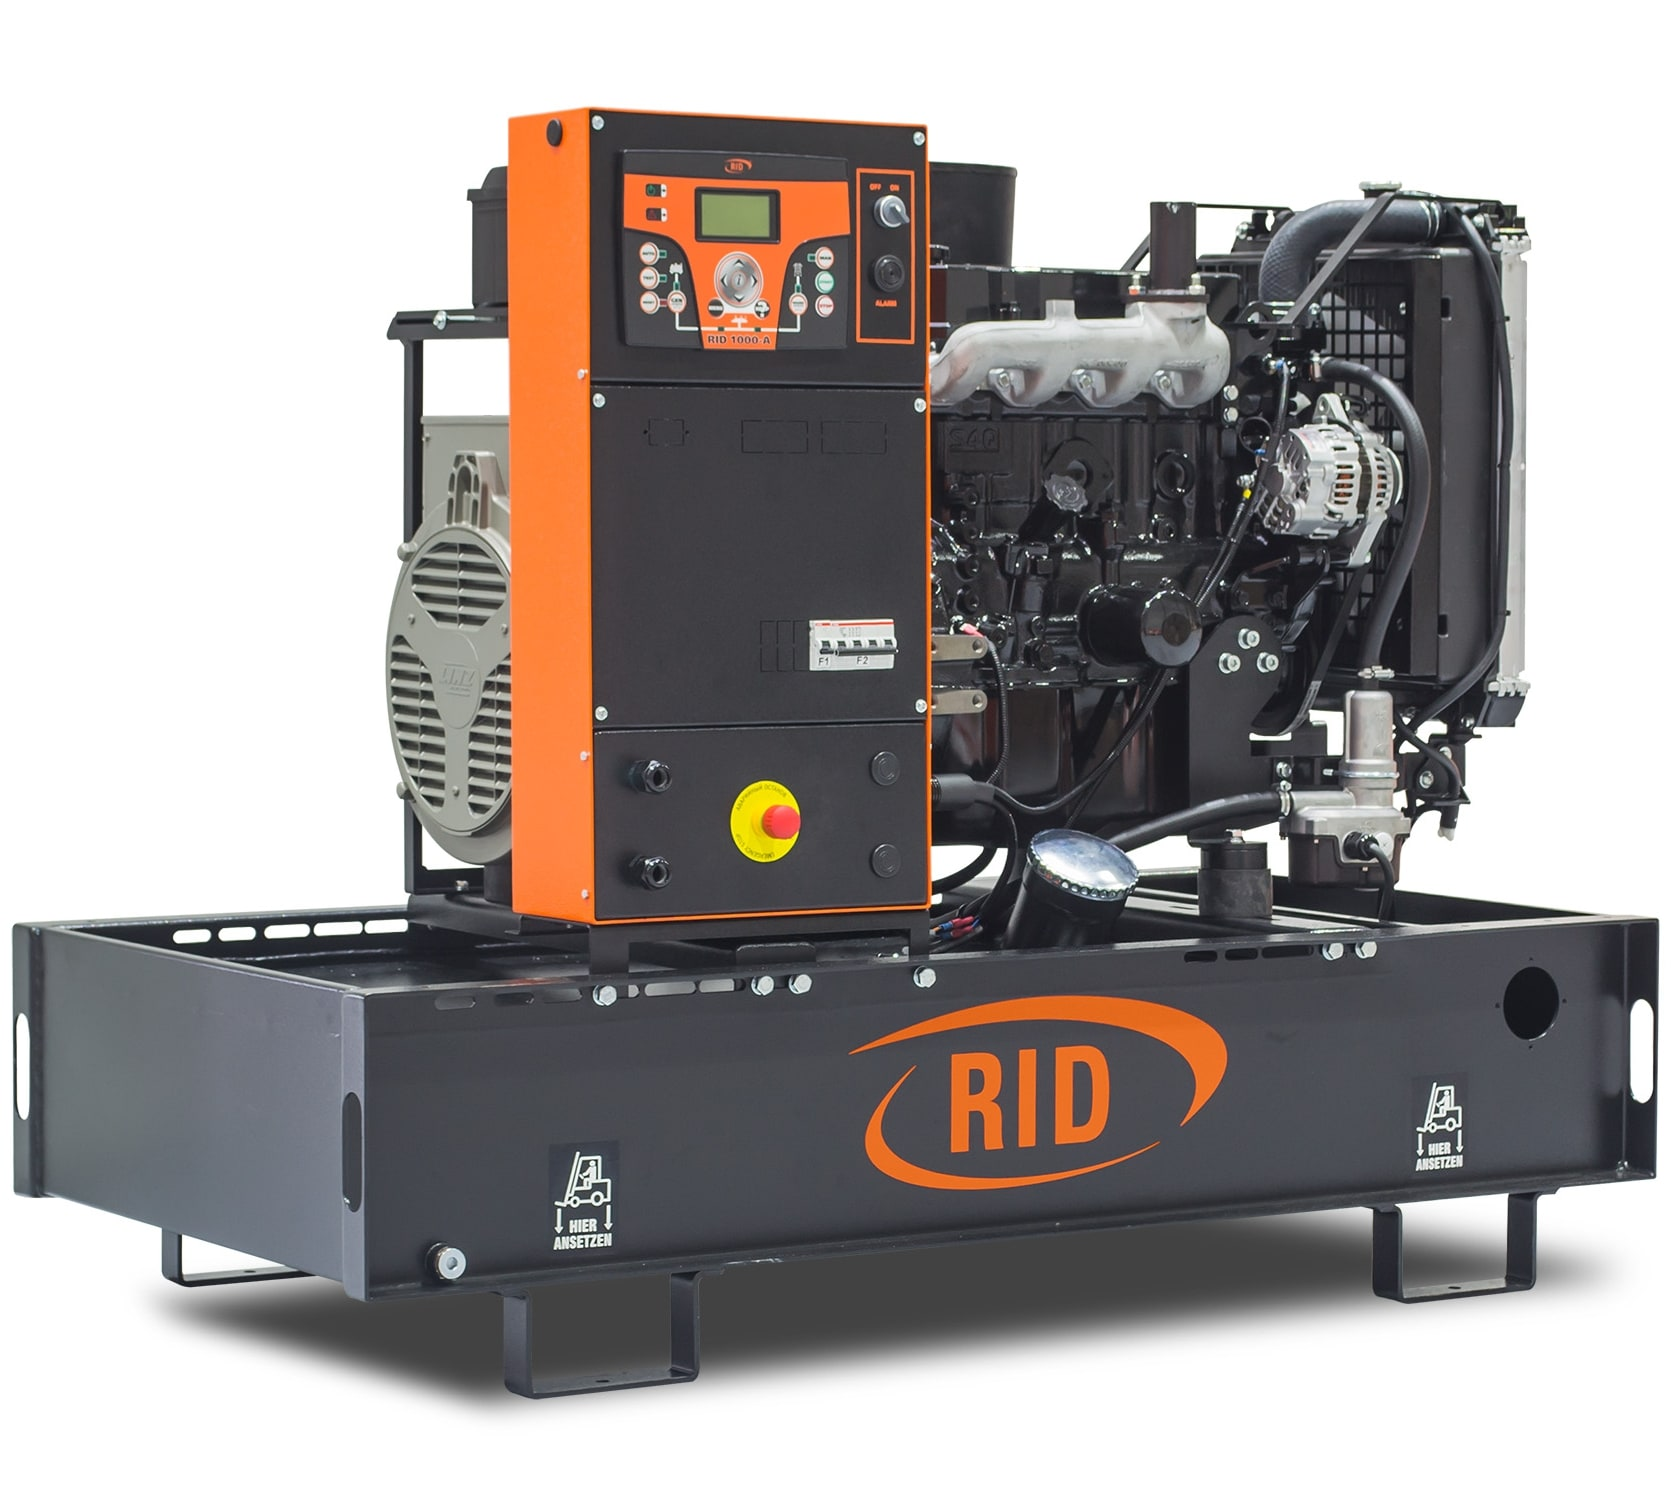 дизельная электростанция rid 15/1 e-series